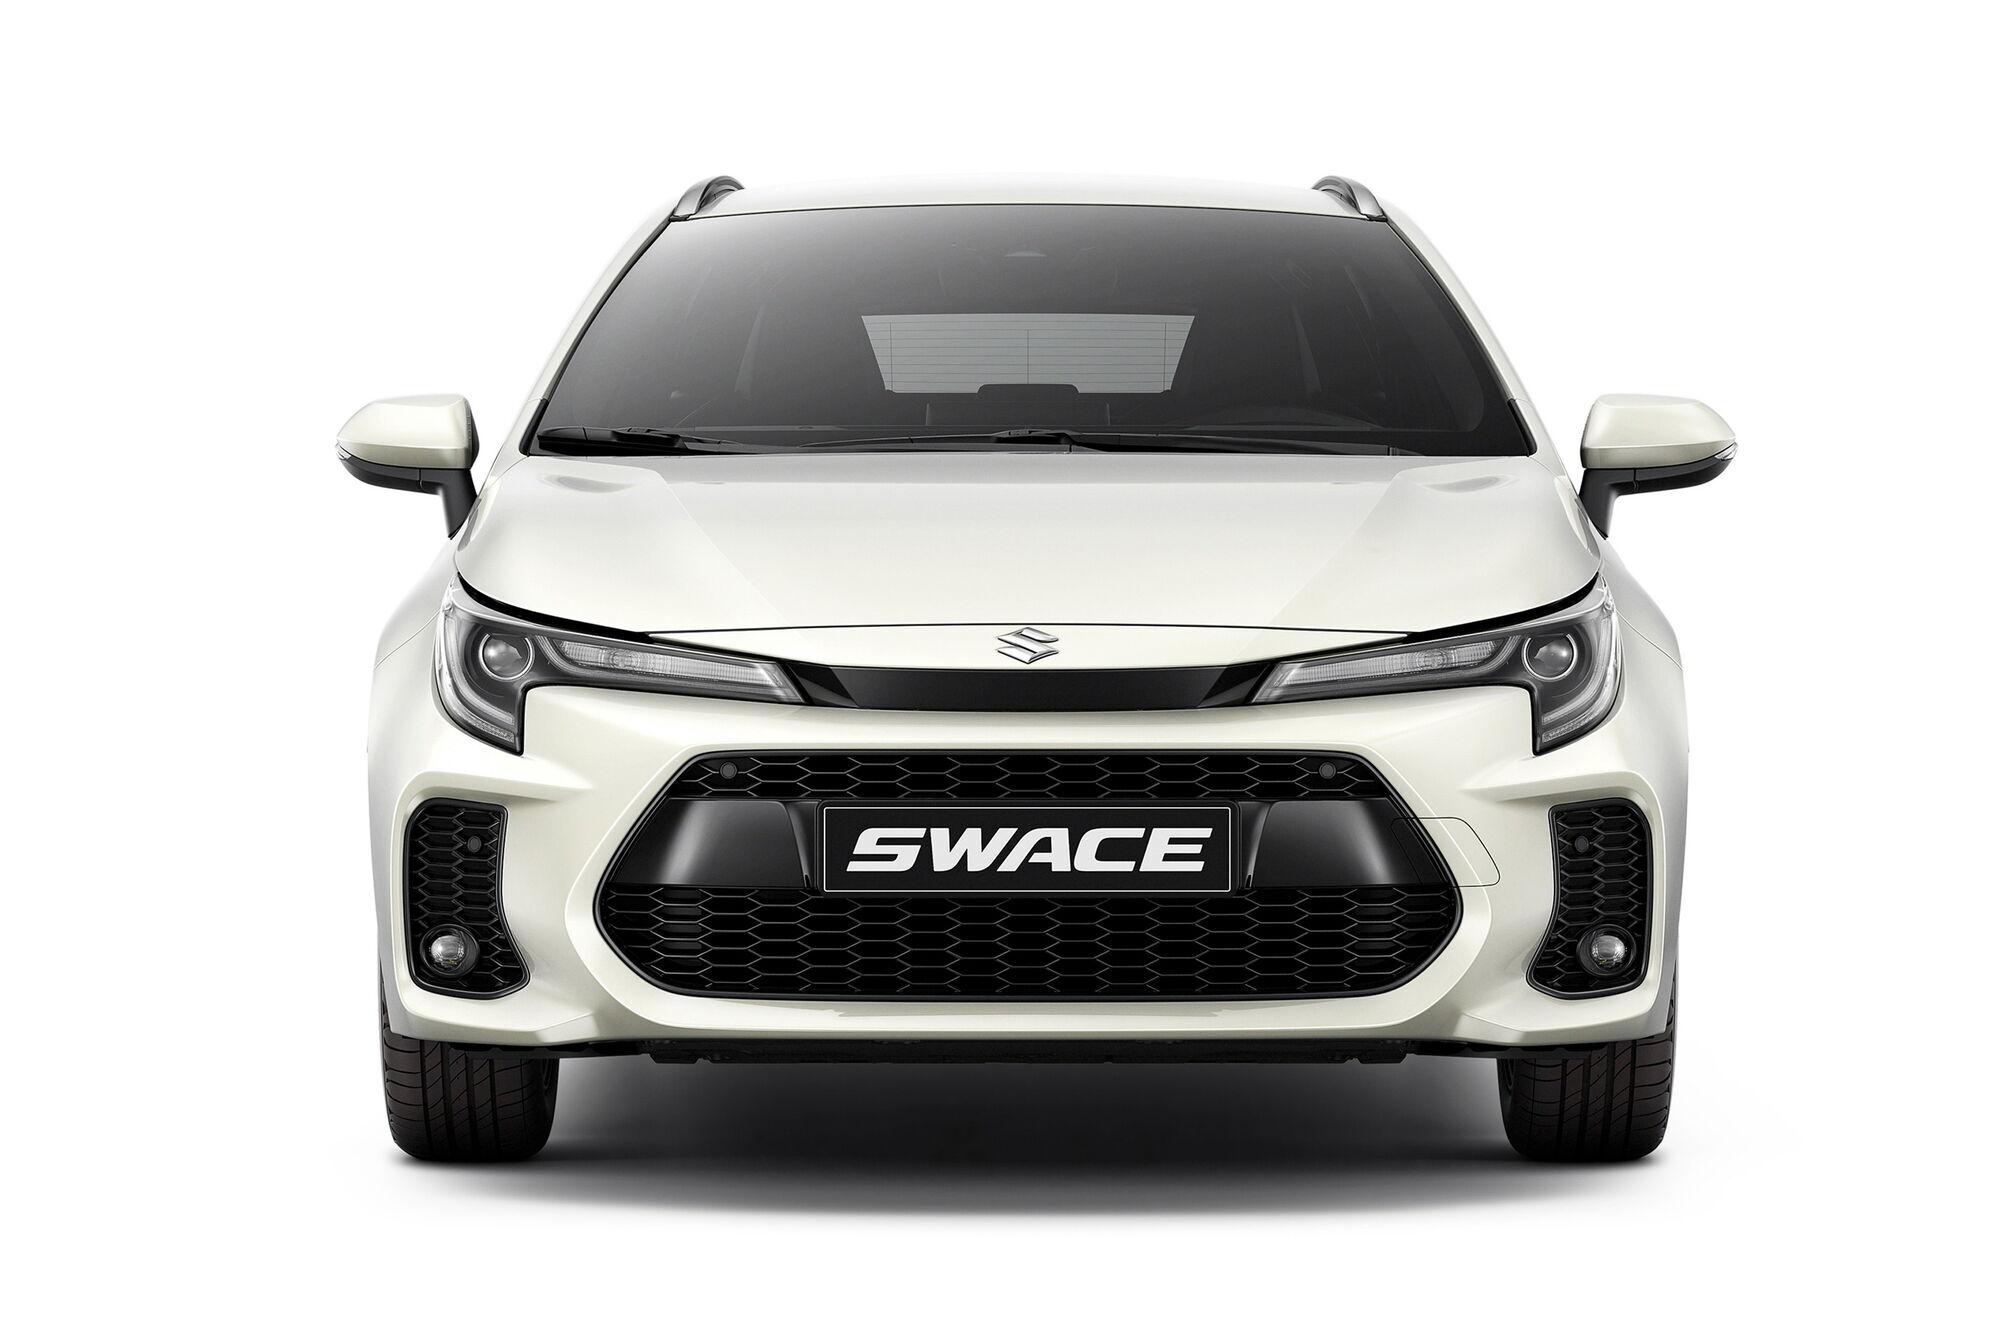 2021 Suzuki Swace. Фото: